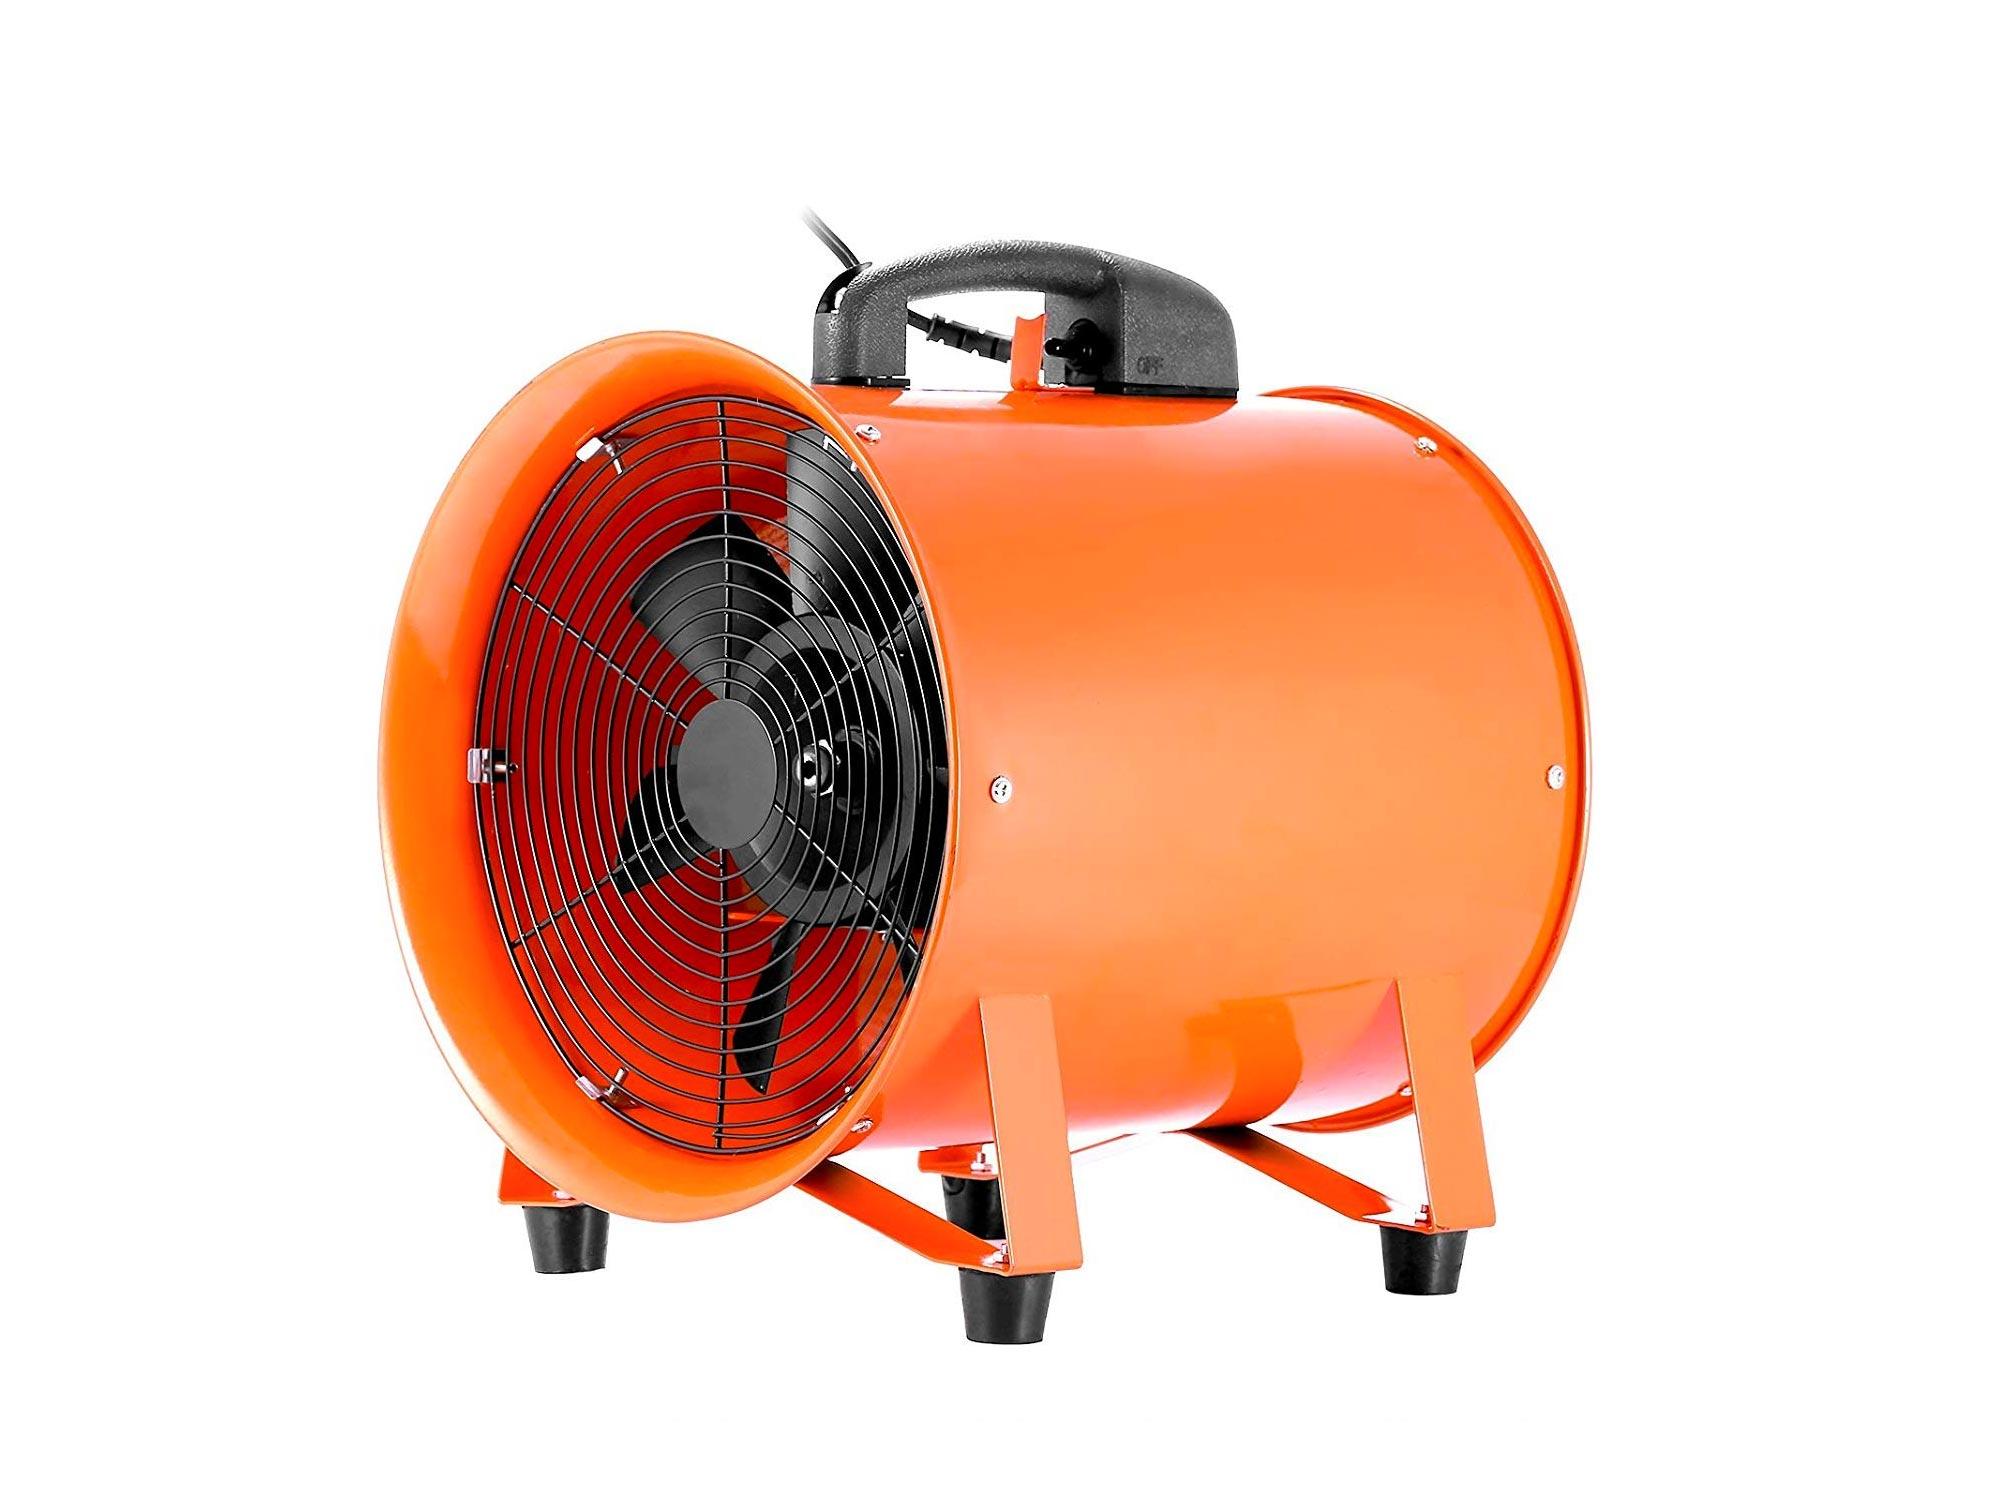 OrangeA utility fan